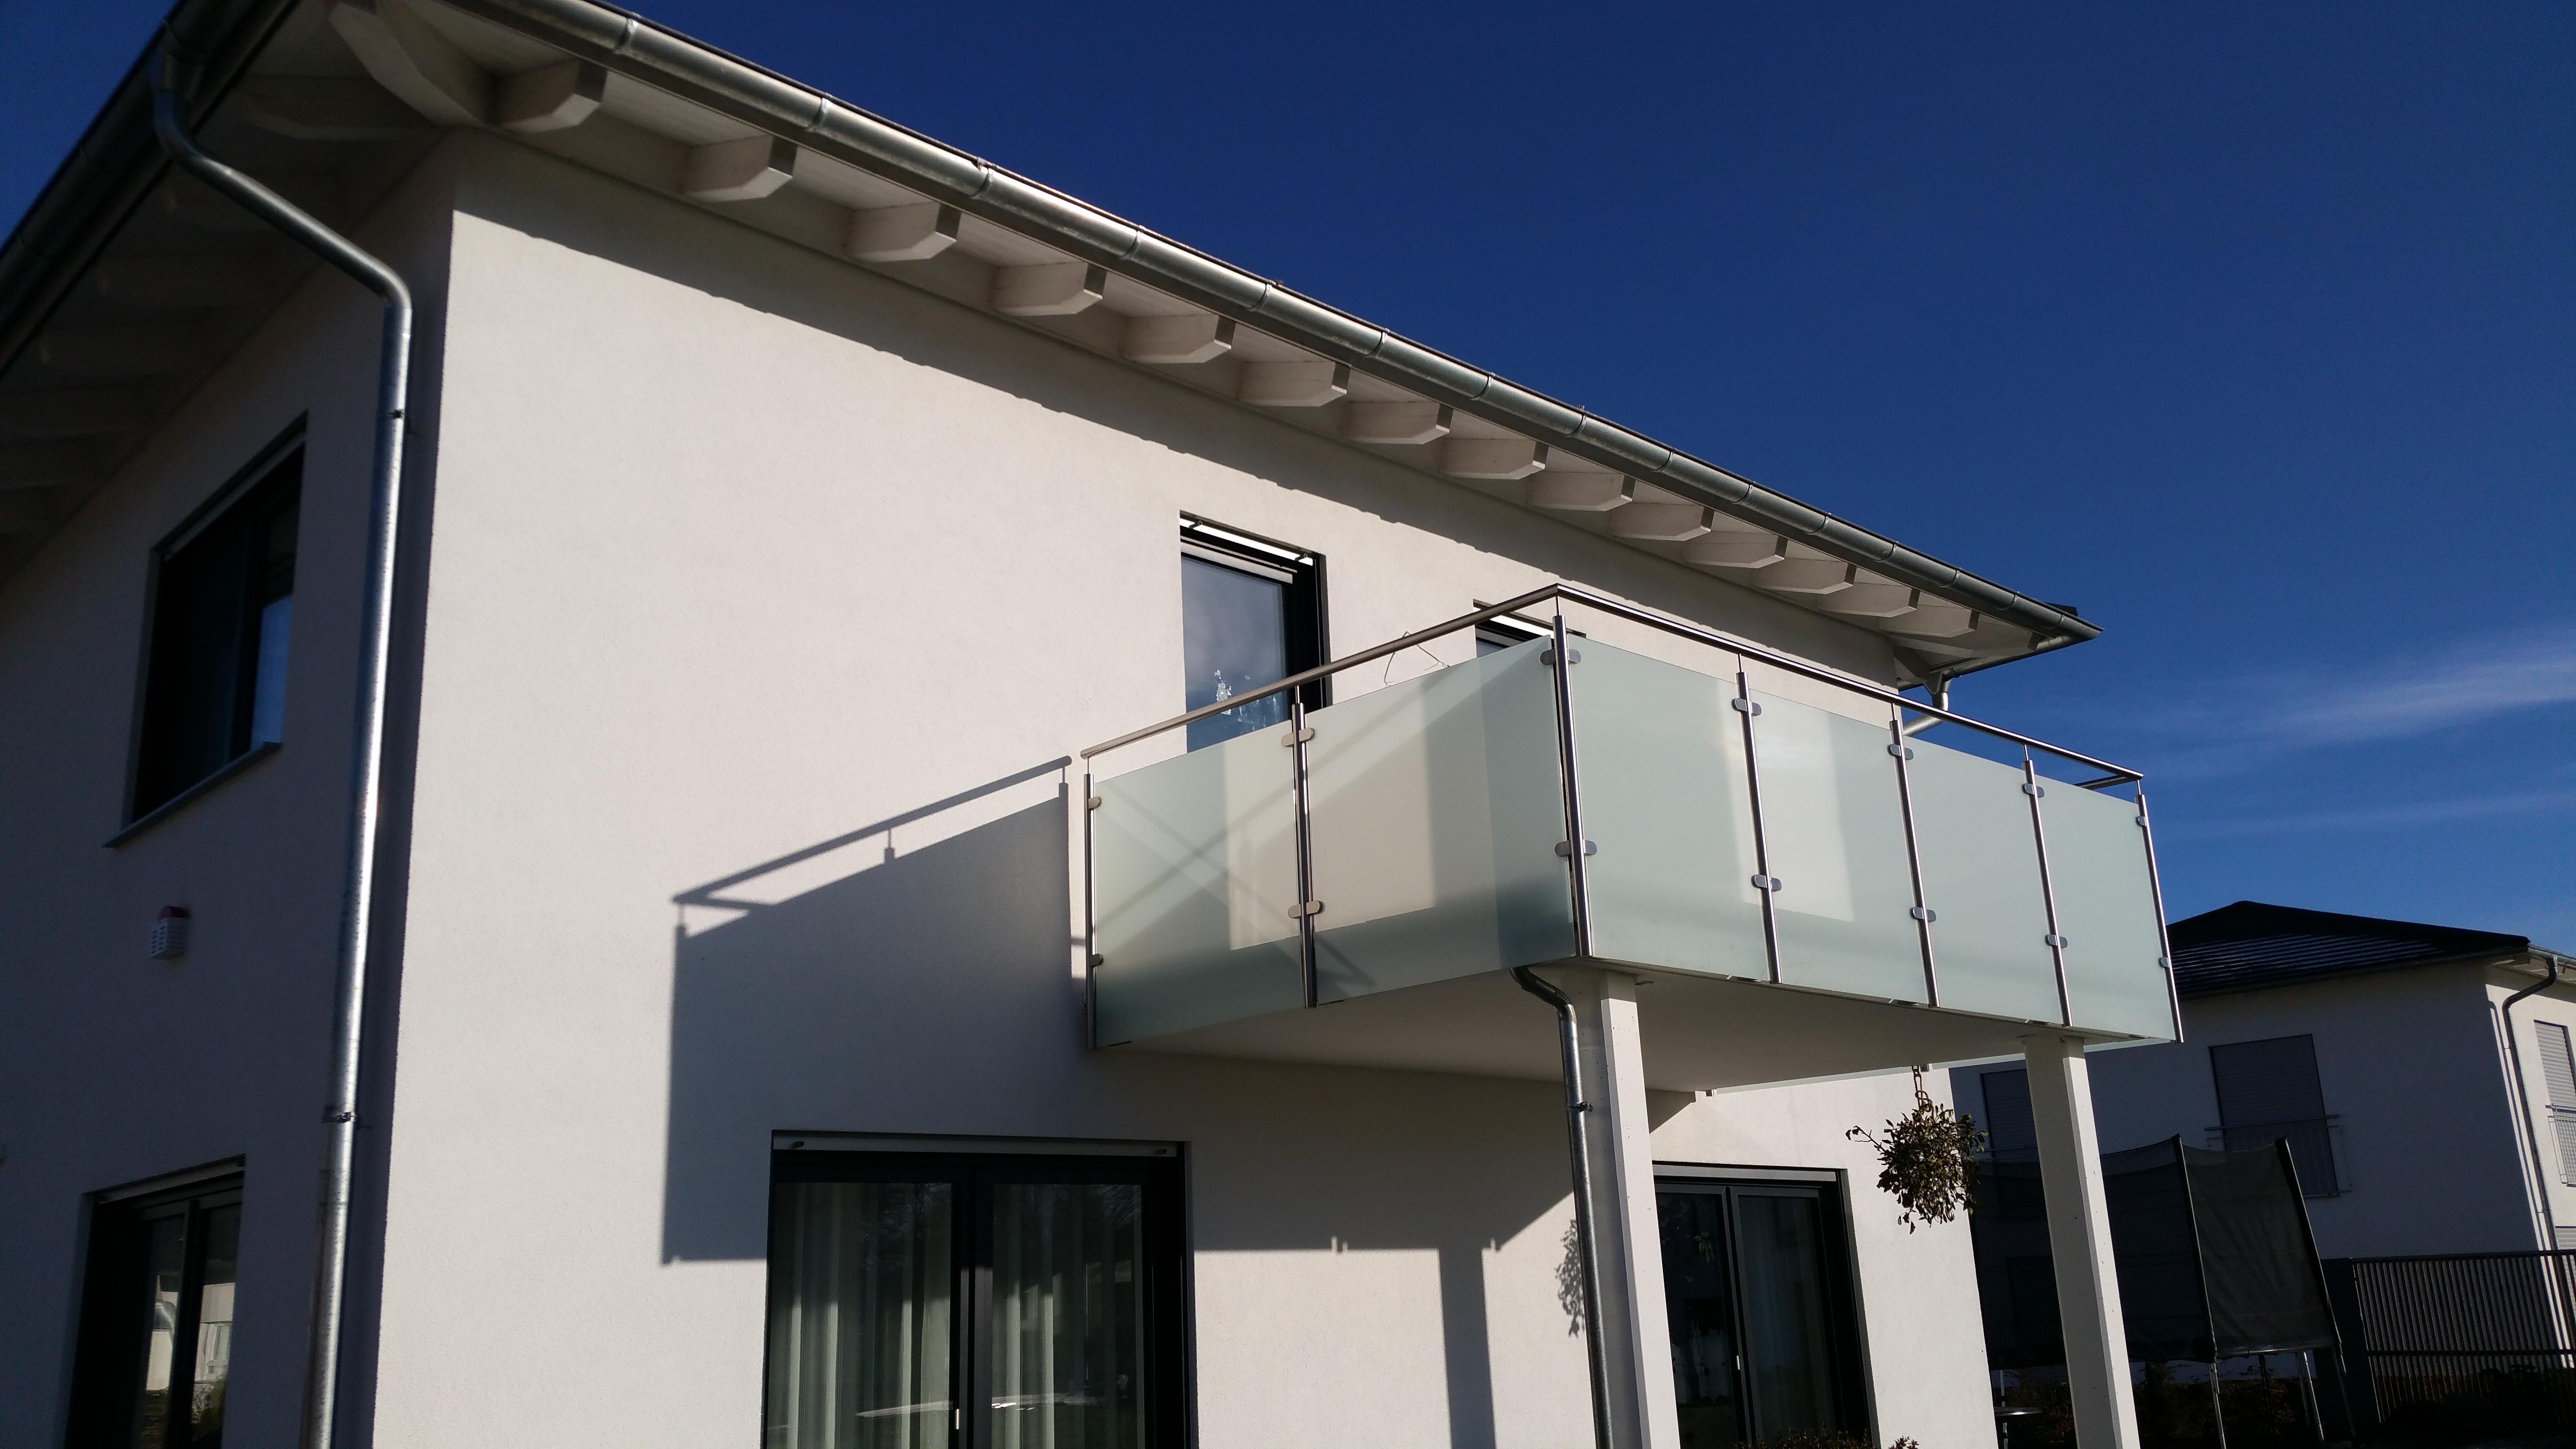 Staufen Massivhaus staufen massivhaus trendy in heitersheim heitersheim with staufen